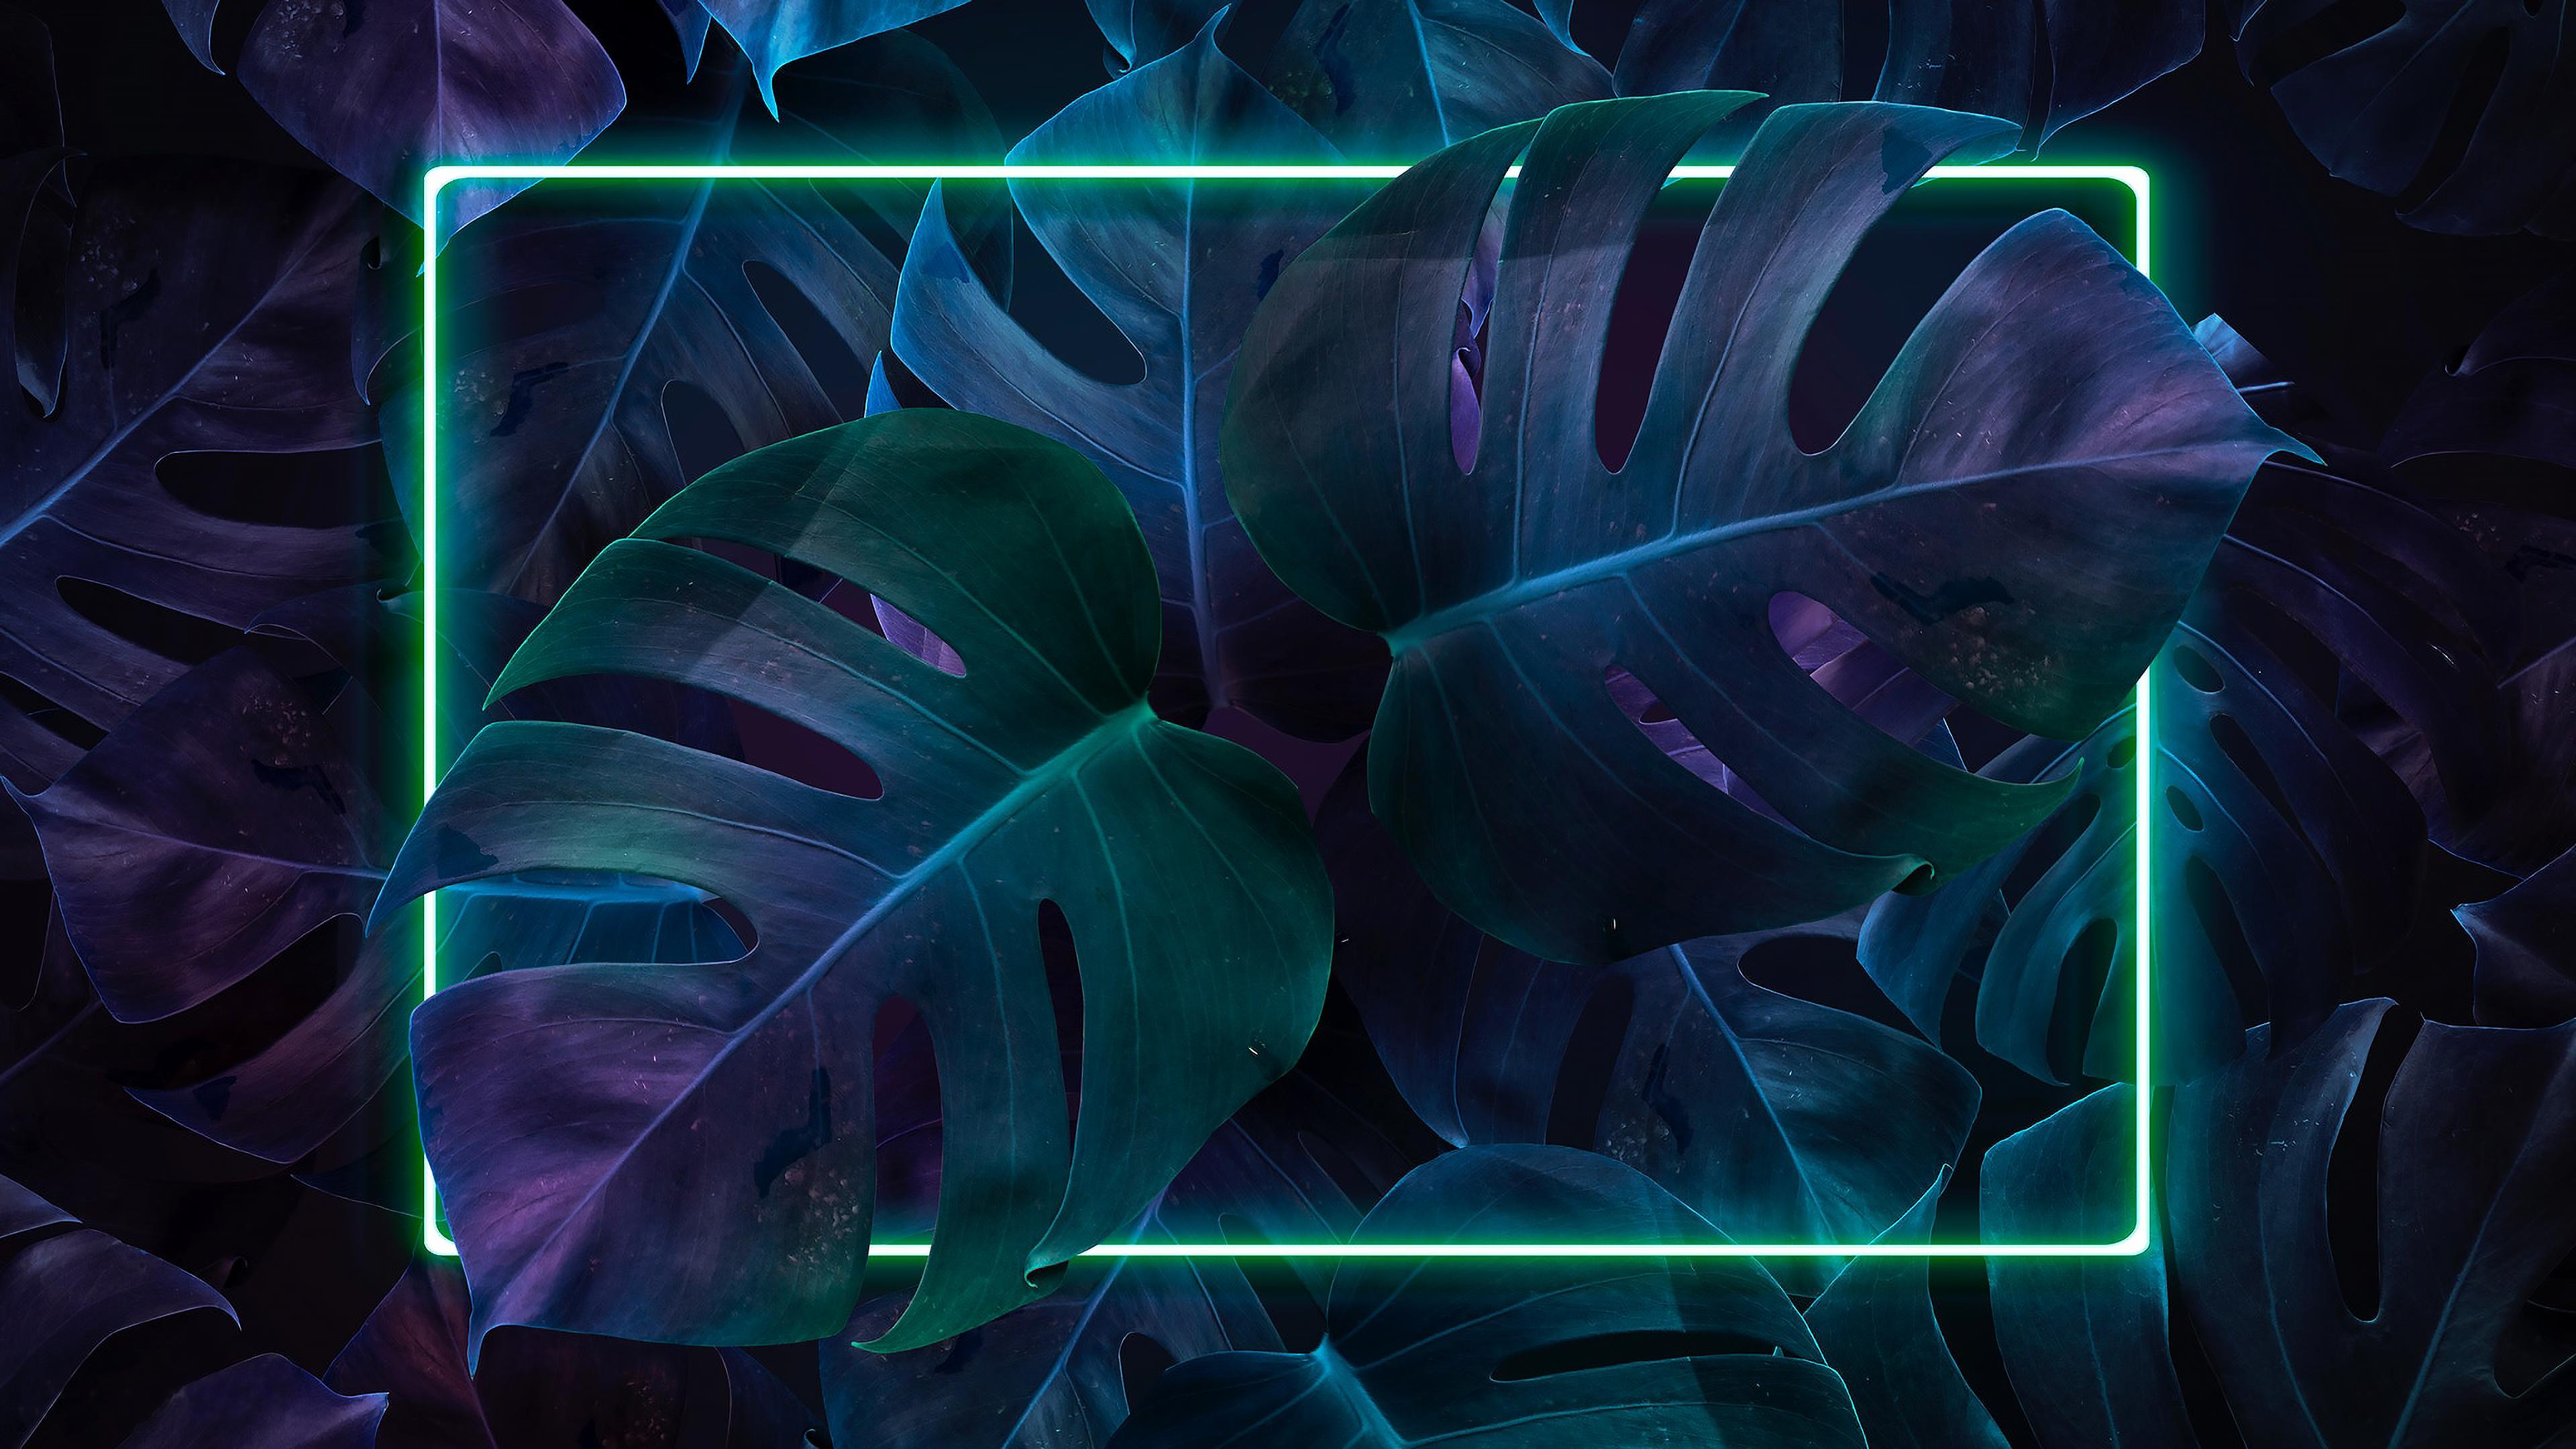 General 3840x2160 vaporwave plants artwork